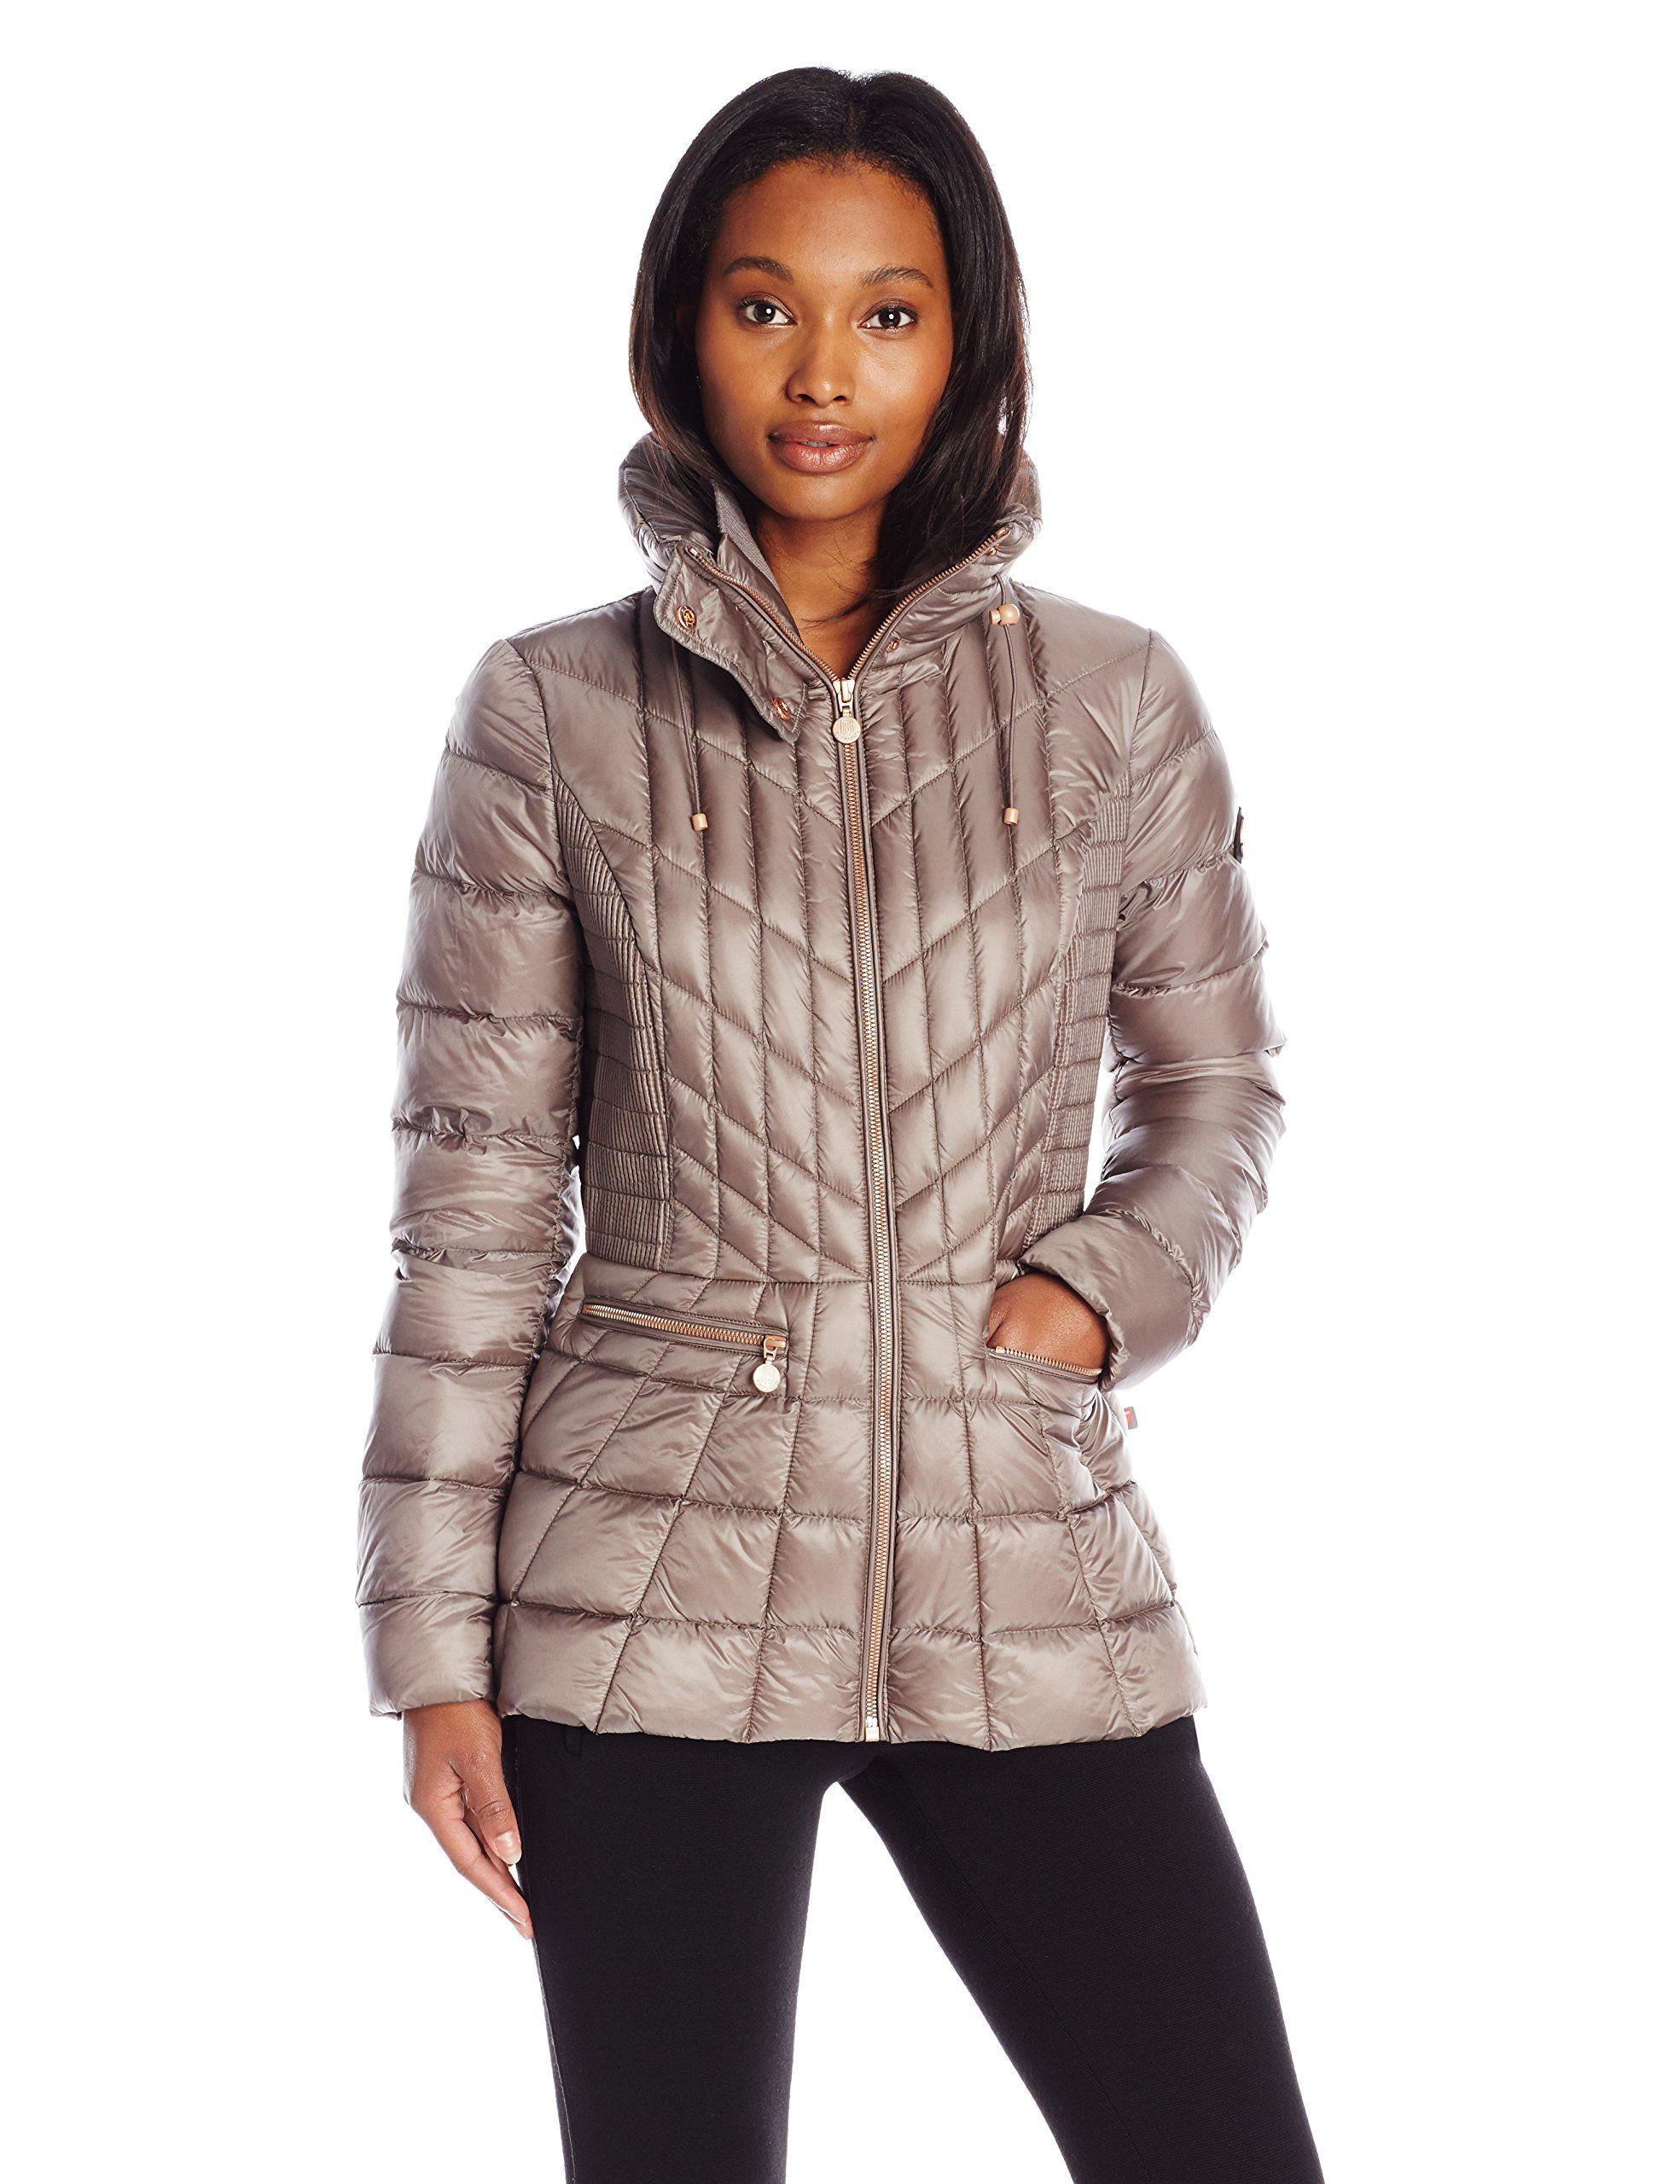 Bernardo Women S Packable Goose Down Jacket At Amazon Women S Coats Shop Jackets Coats For Women Fashion [ 2560 x 1969 Pixel ]